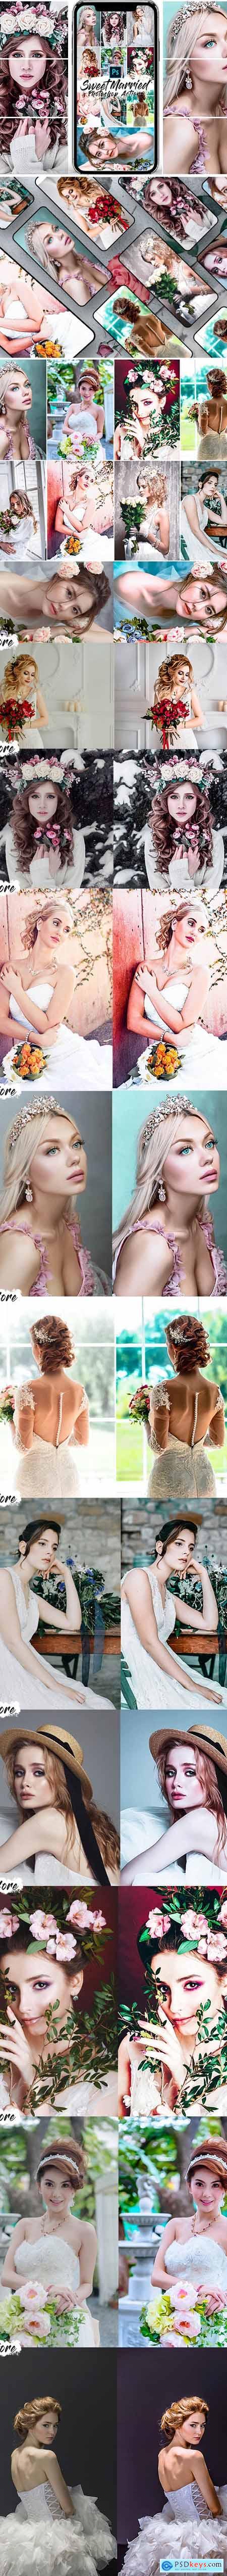 Portrait Photoshop Actions 25147171